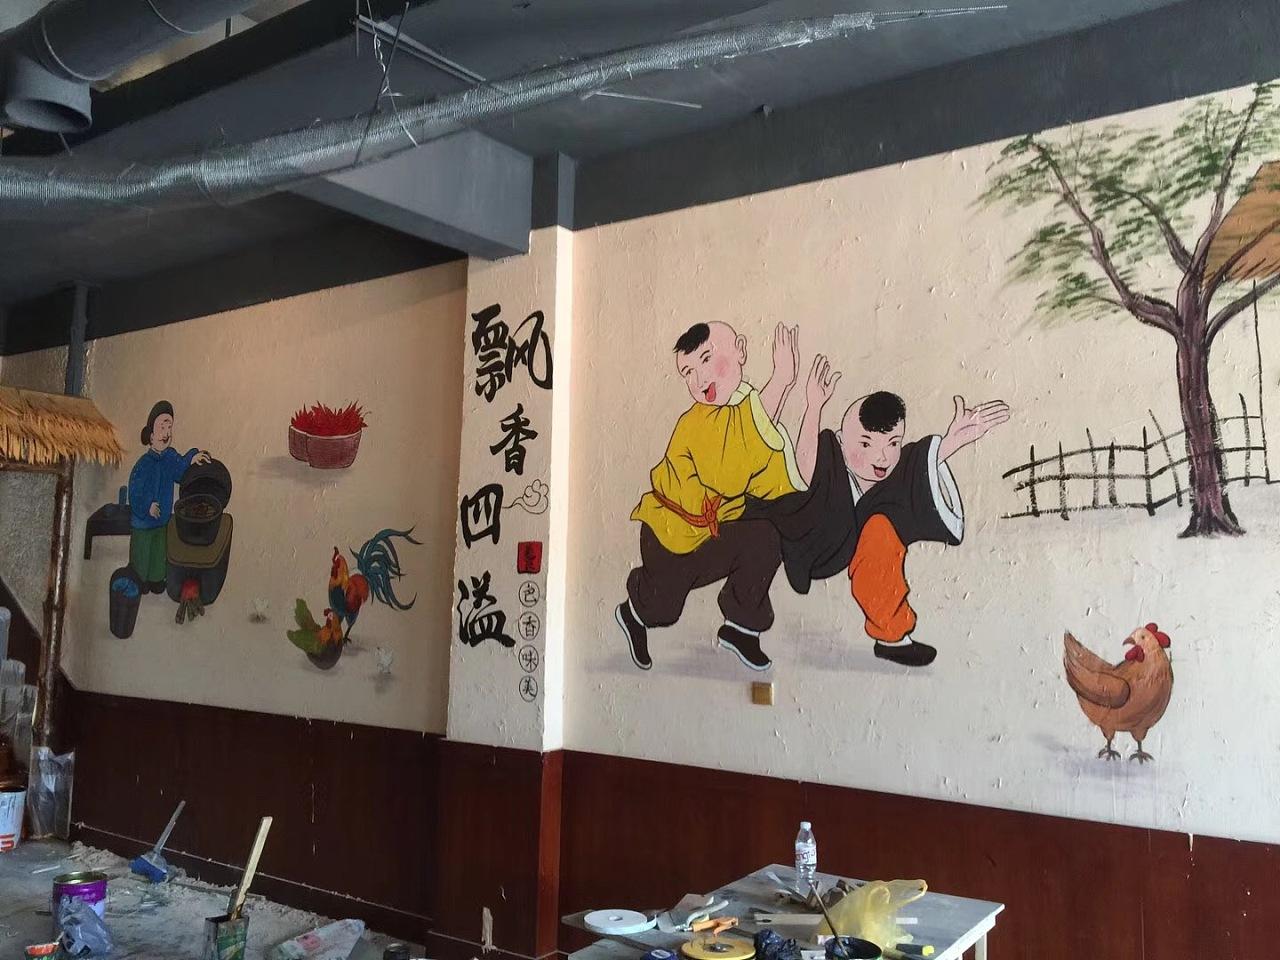 南昌墙画手绘,南昌墙壁涂鸦,南昌涂鸦墙壁,南昌3d绘画,南昌墙体喷绘